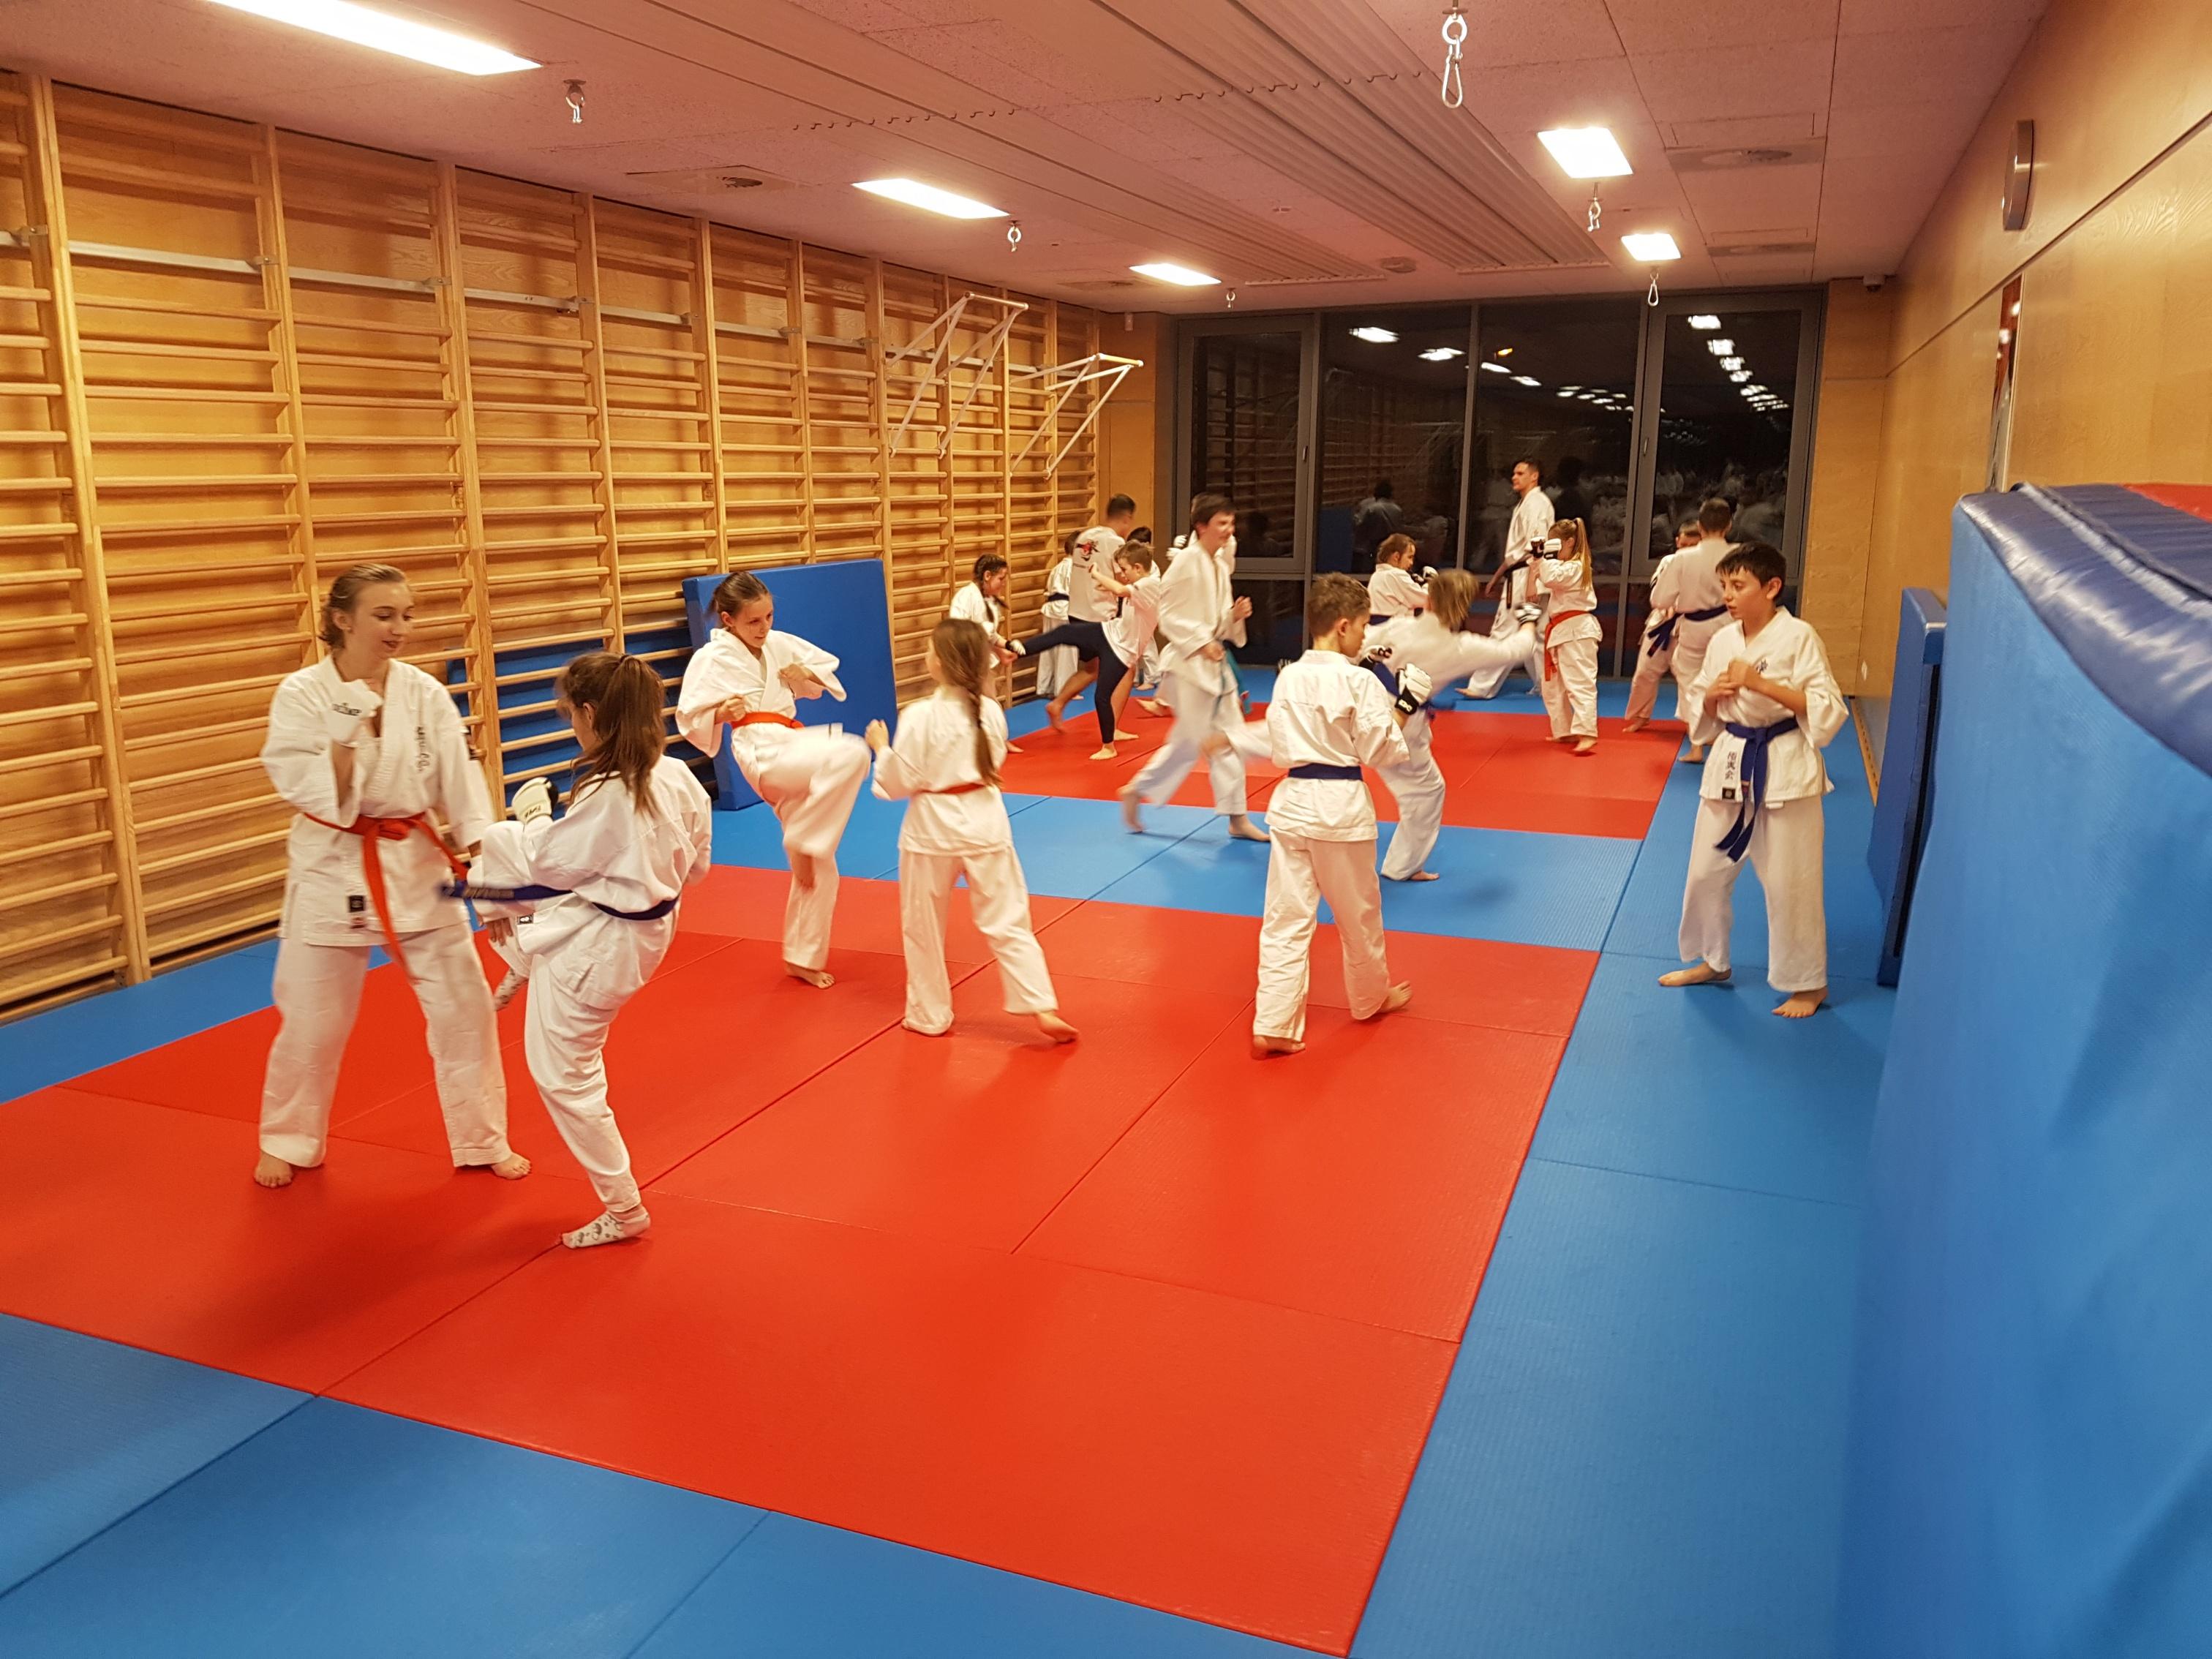 wspólny trening bkkk i tkkk_8.jpg